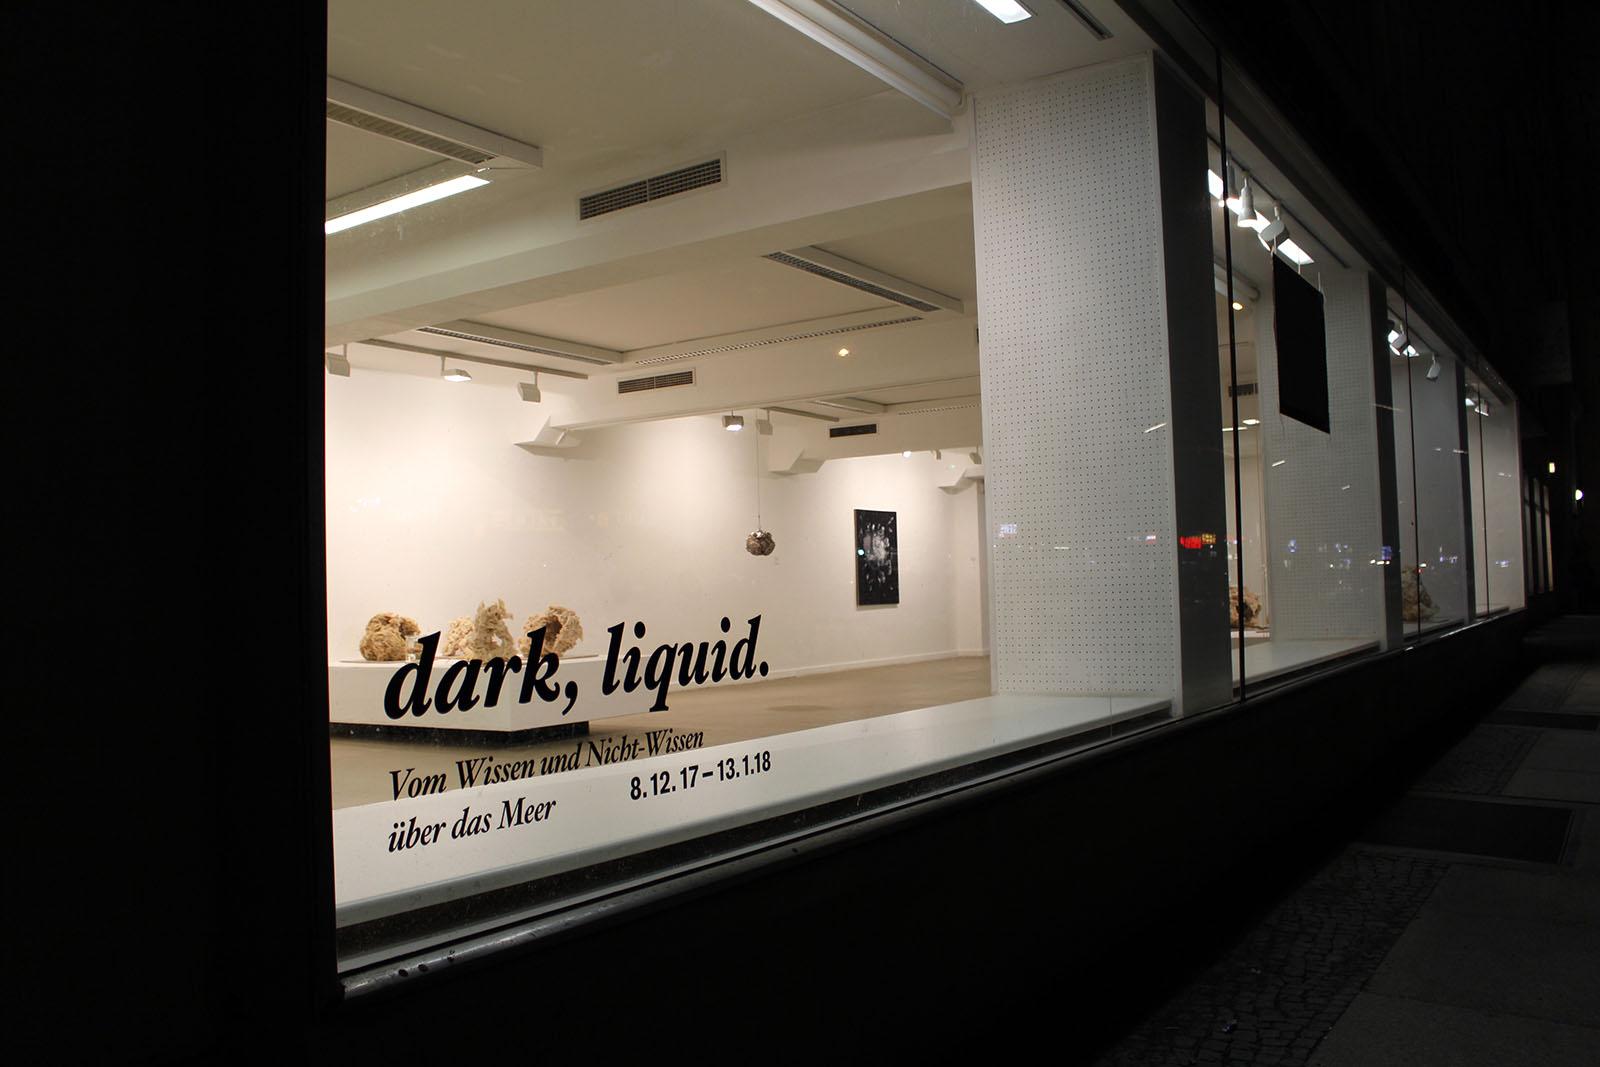 dark liquid